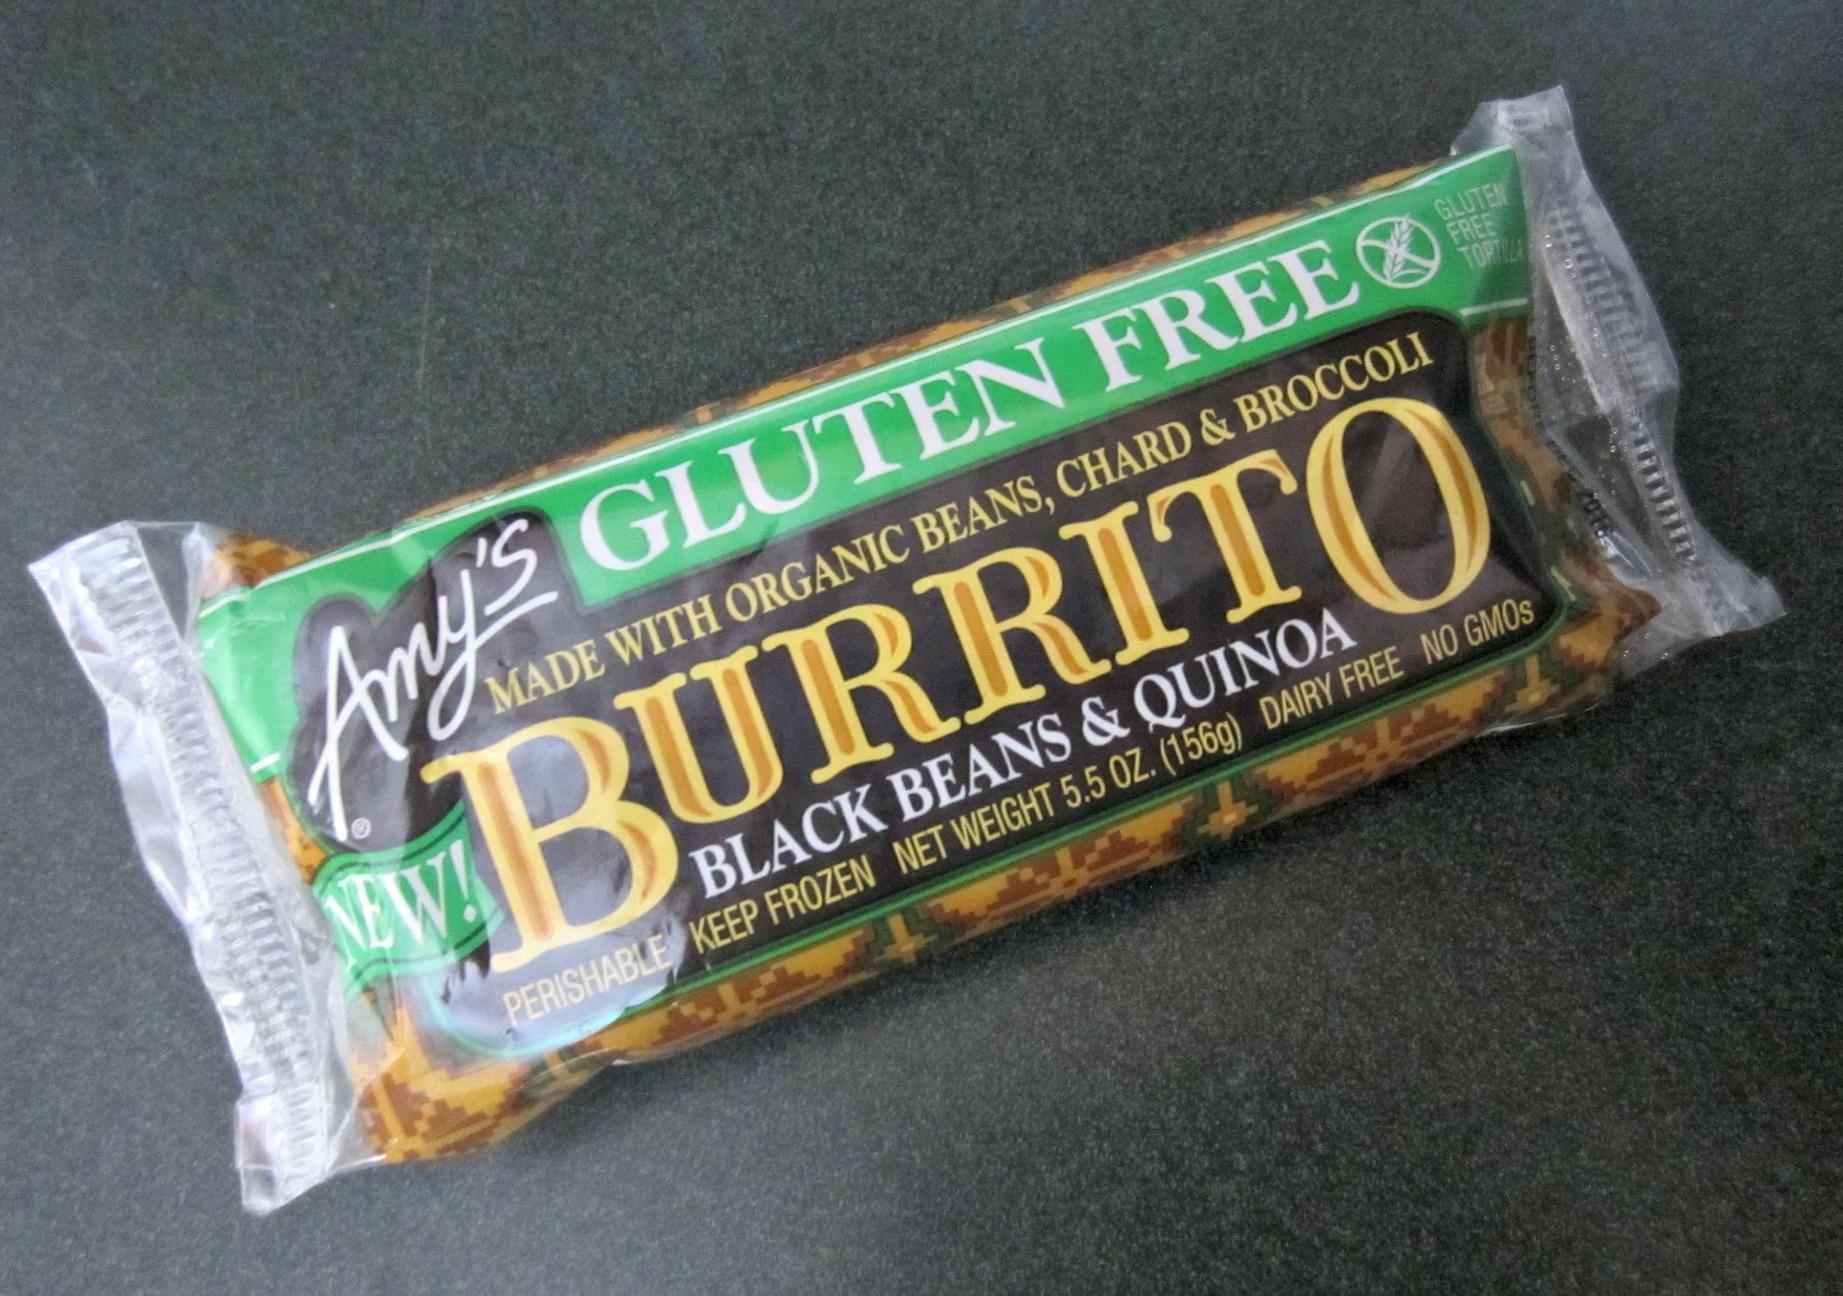 amy's gluten free black beans & quinoa burrito